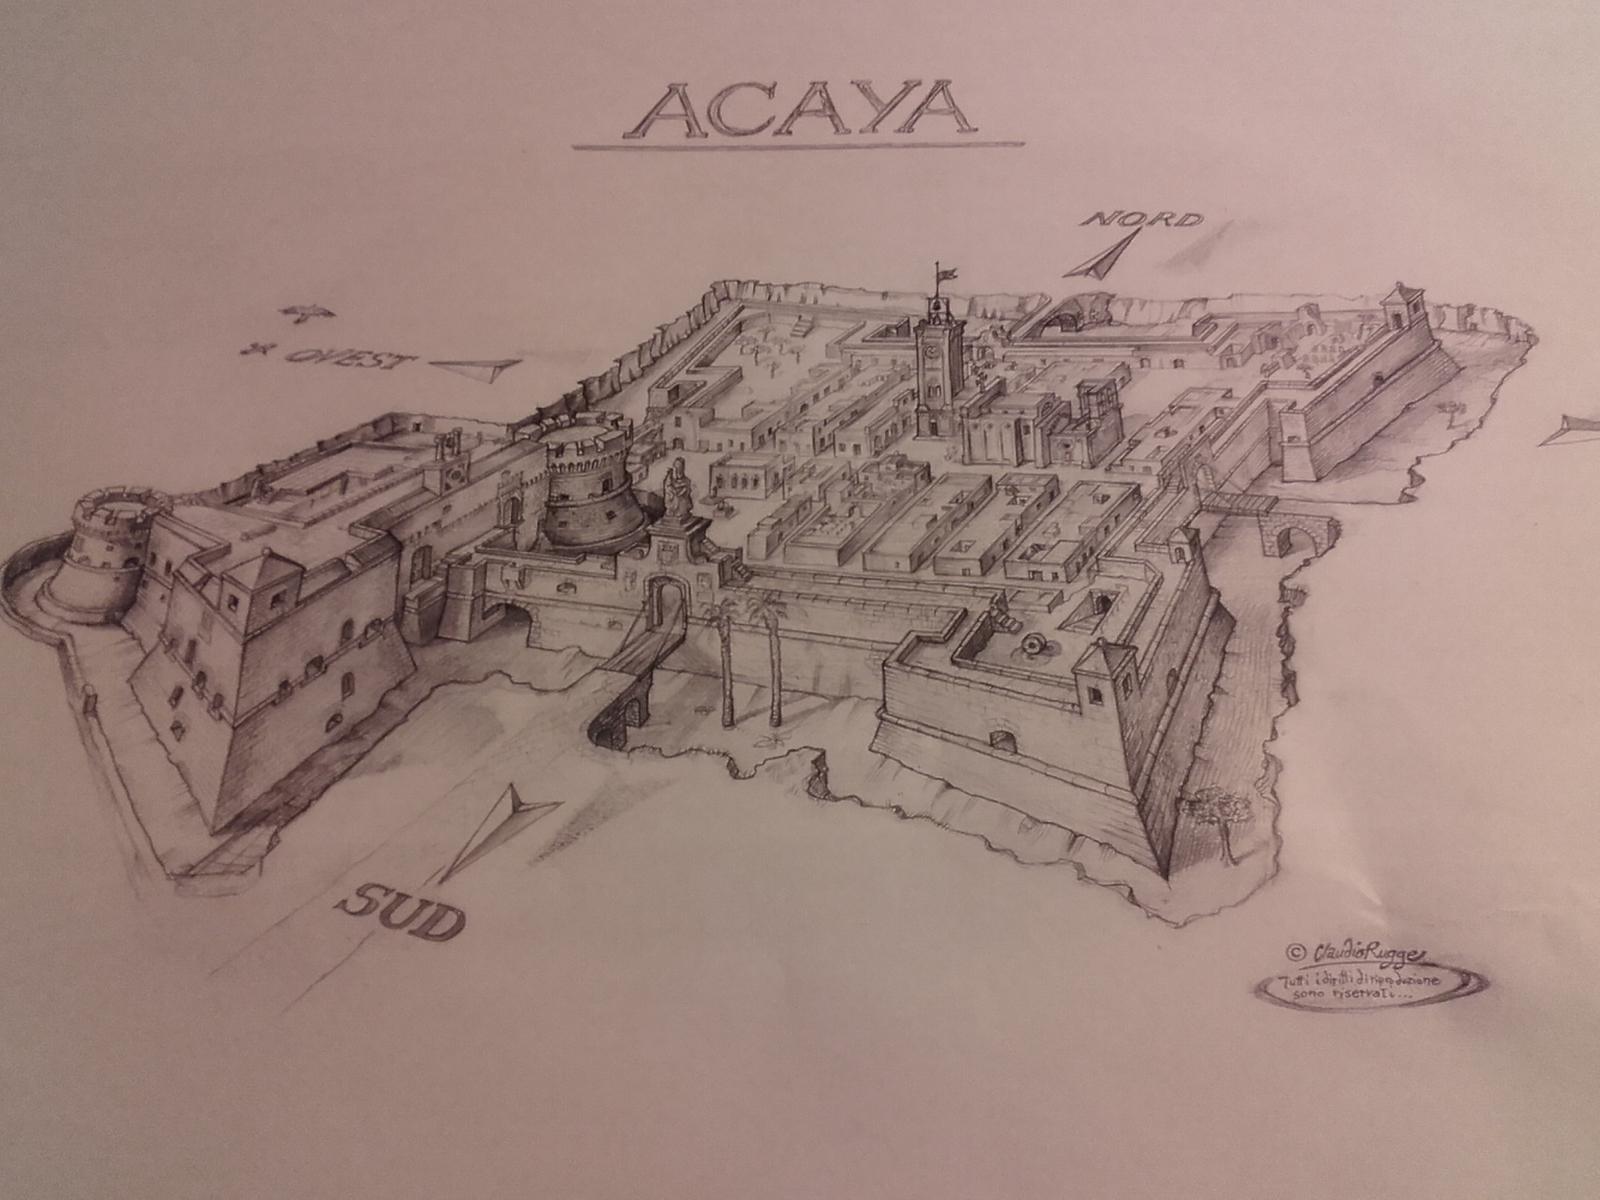 La cittadella fortificata sec. XVI